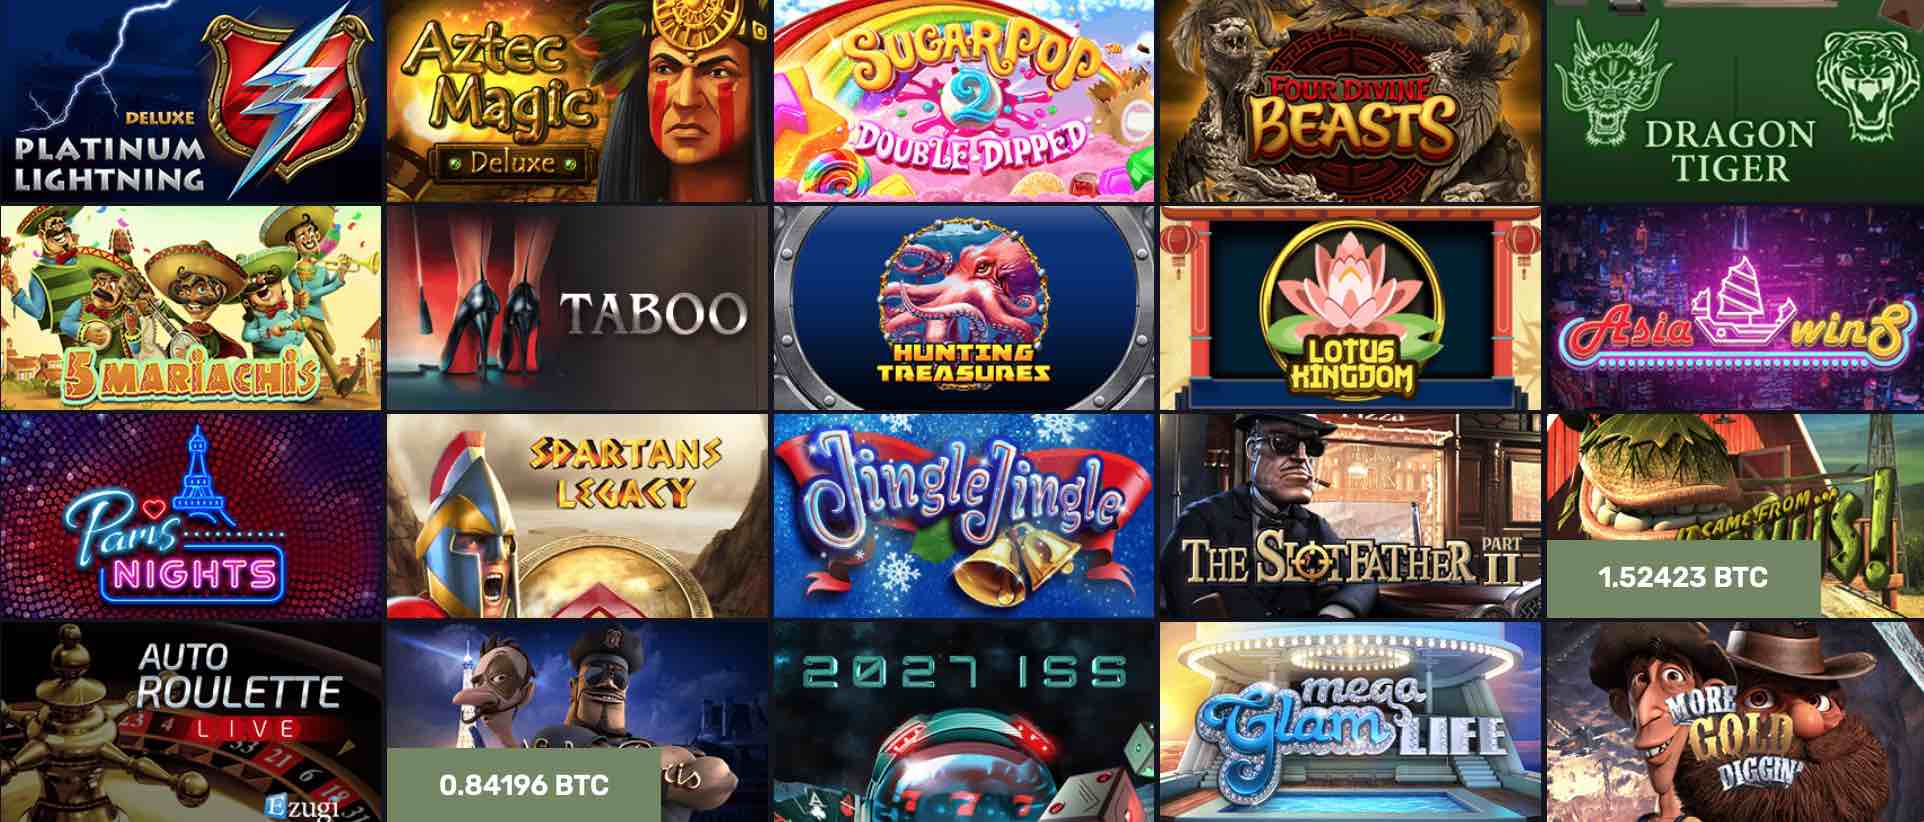 Stake btc gambling